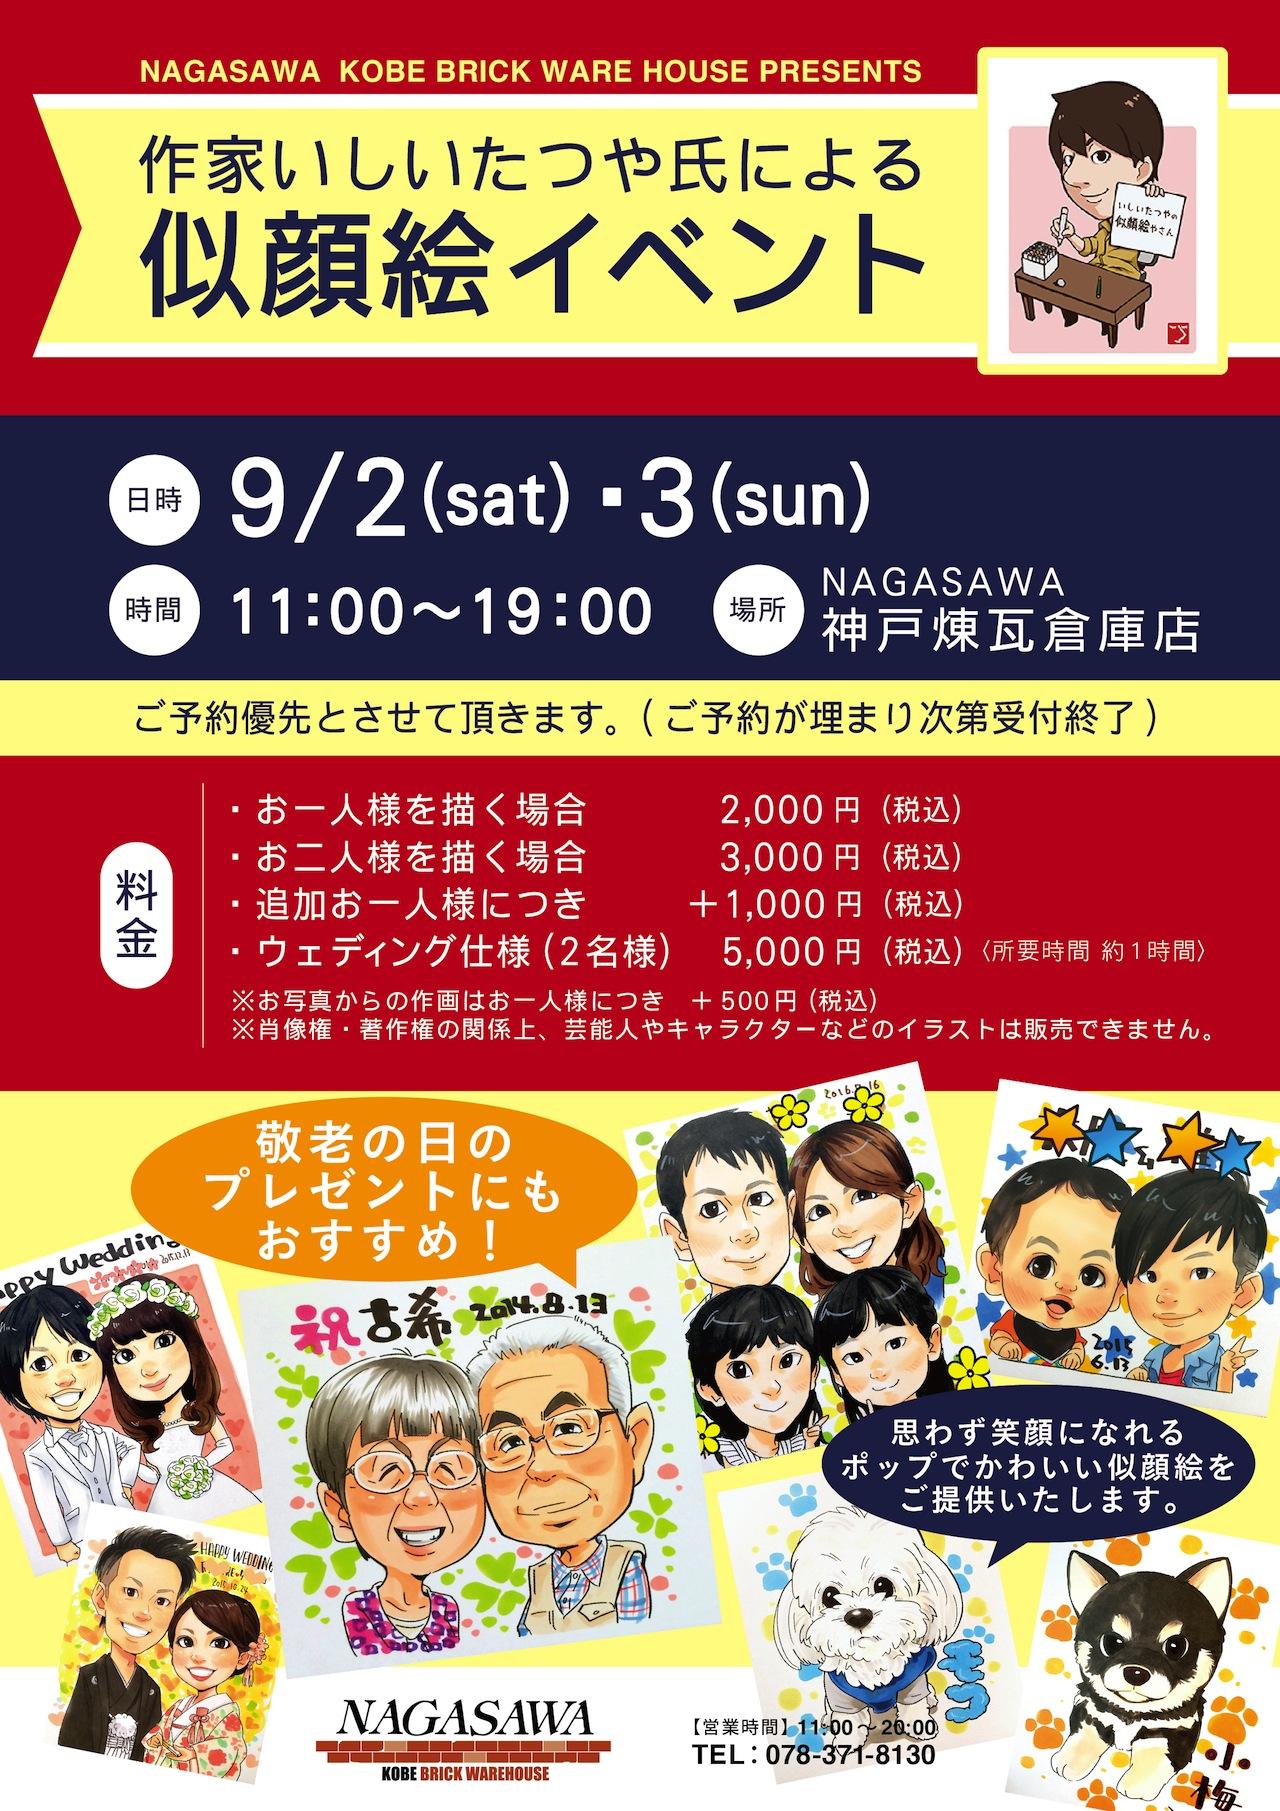 いしいたつや氏による似顔絵イベント開催  @NAGASAWA神戸煉瓦倉庫店